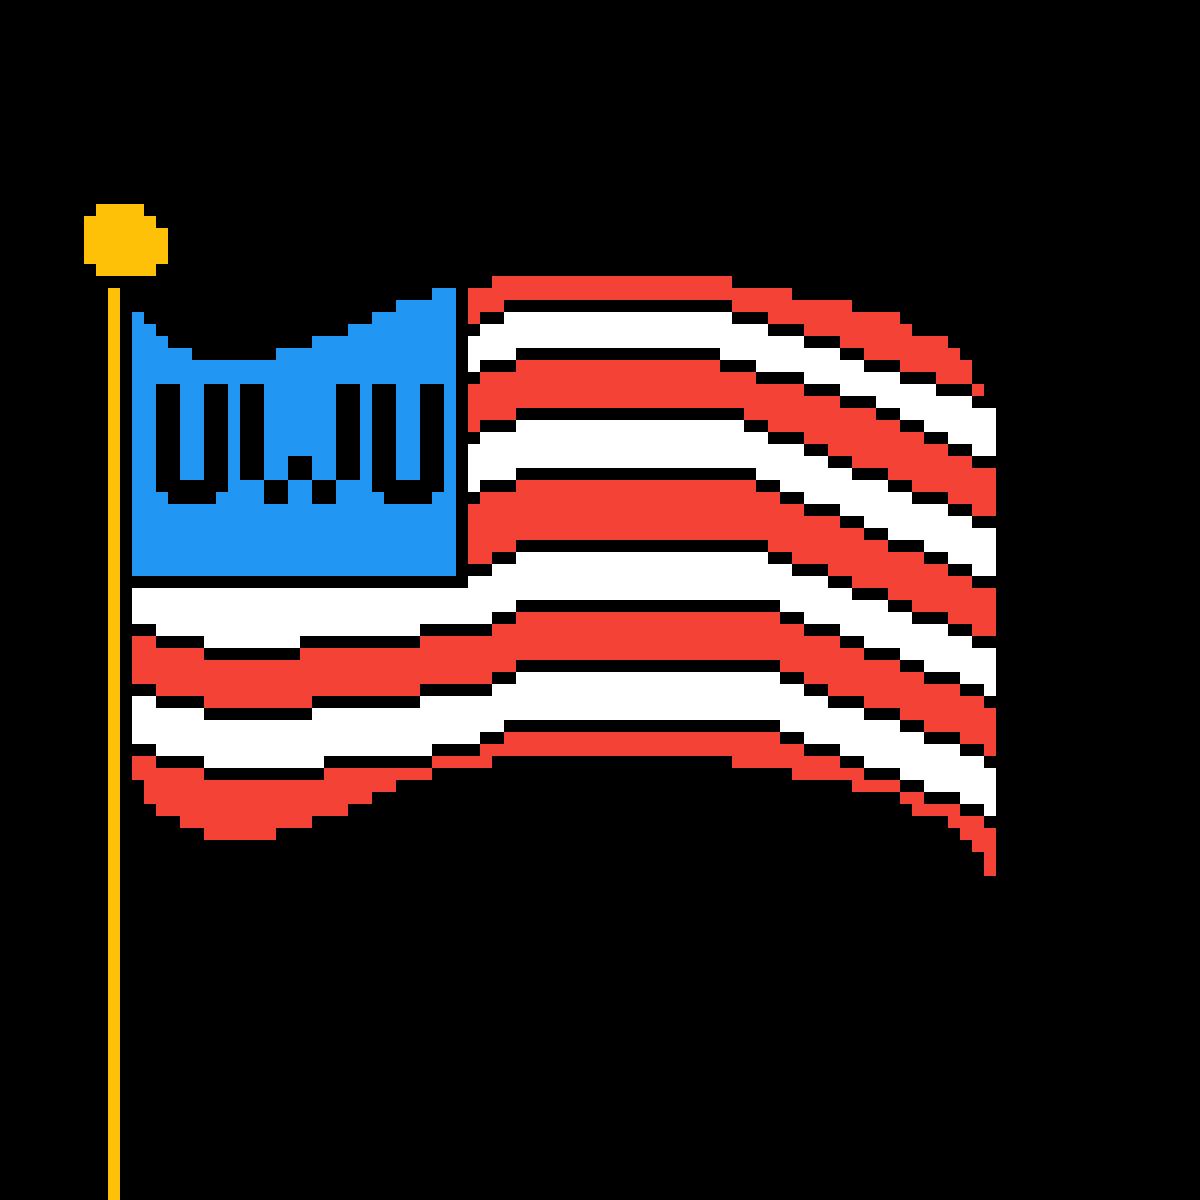 UWU-rica by JosephBenavidez